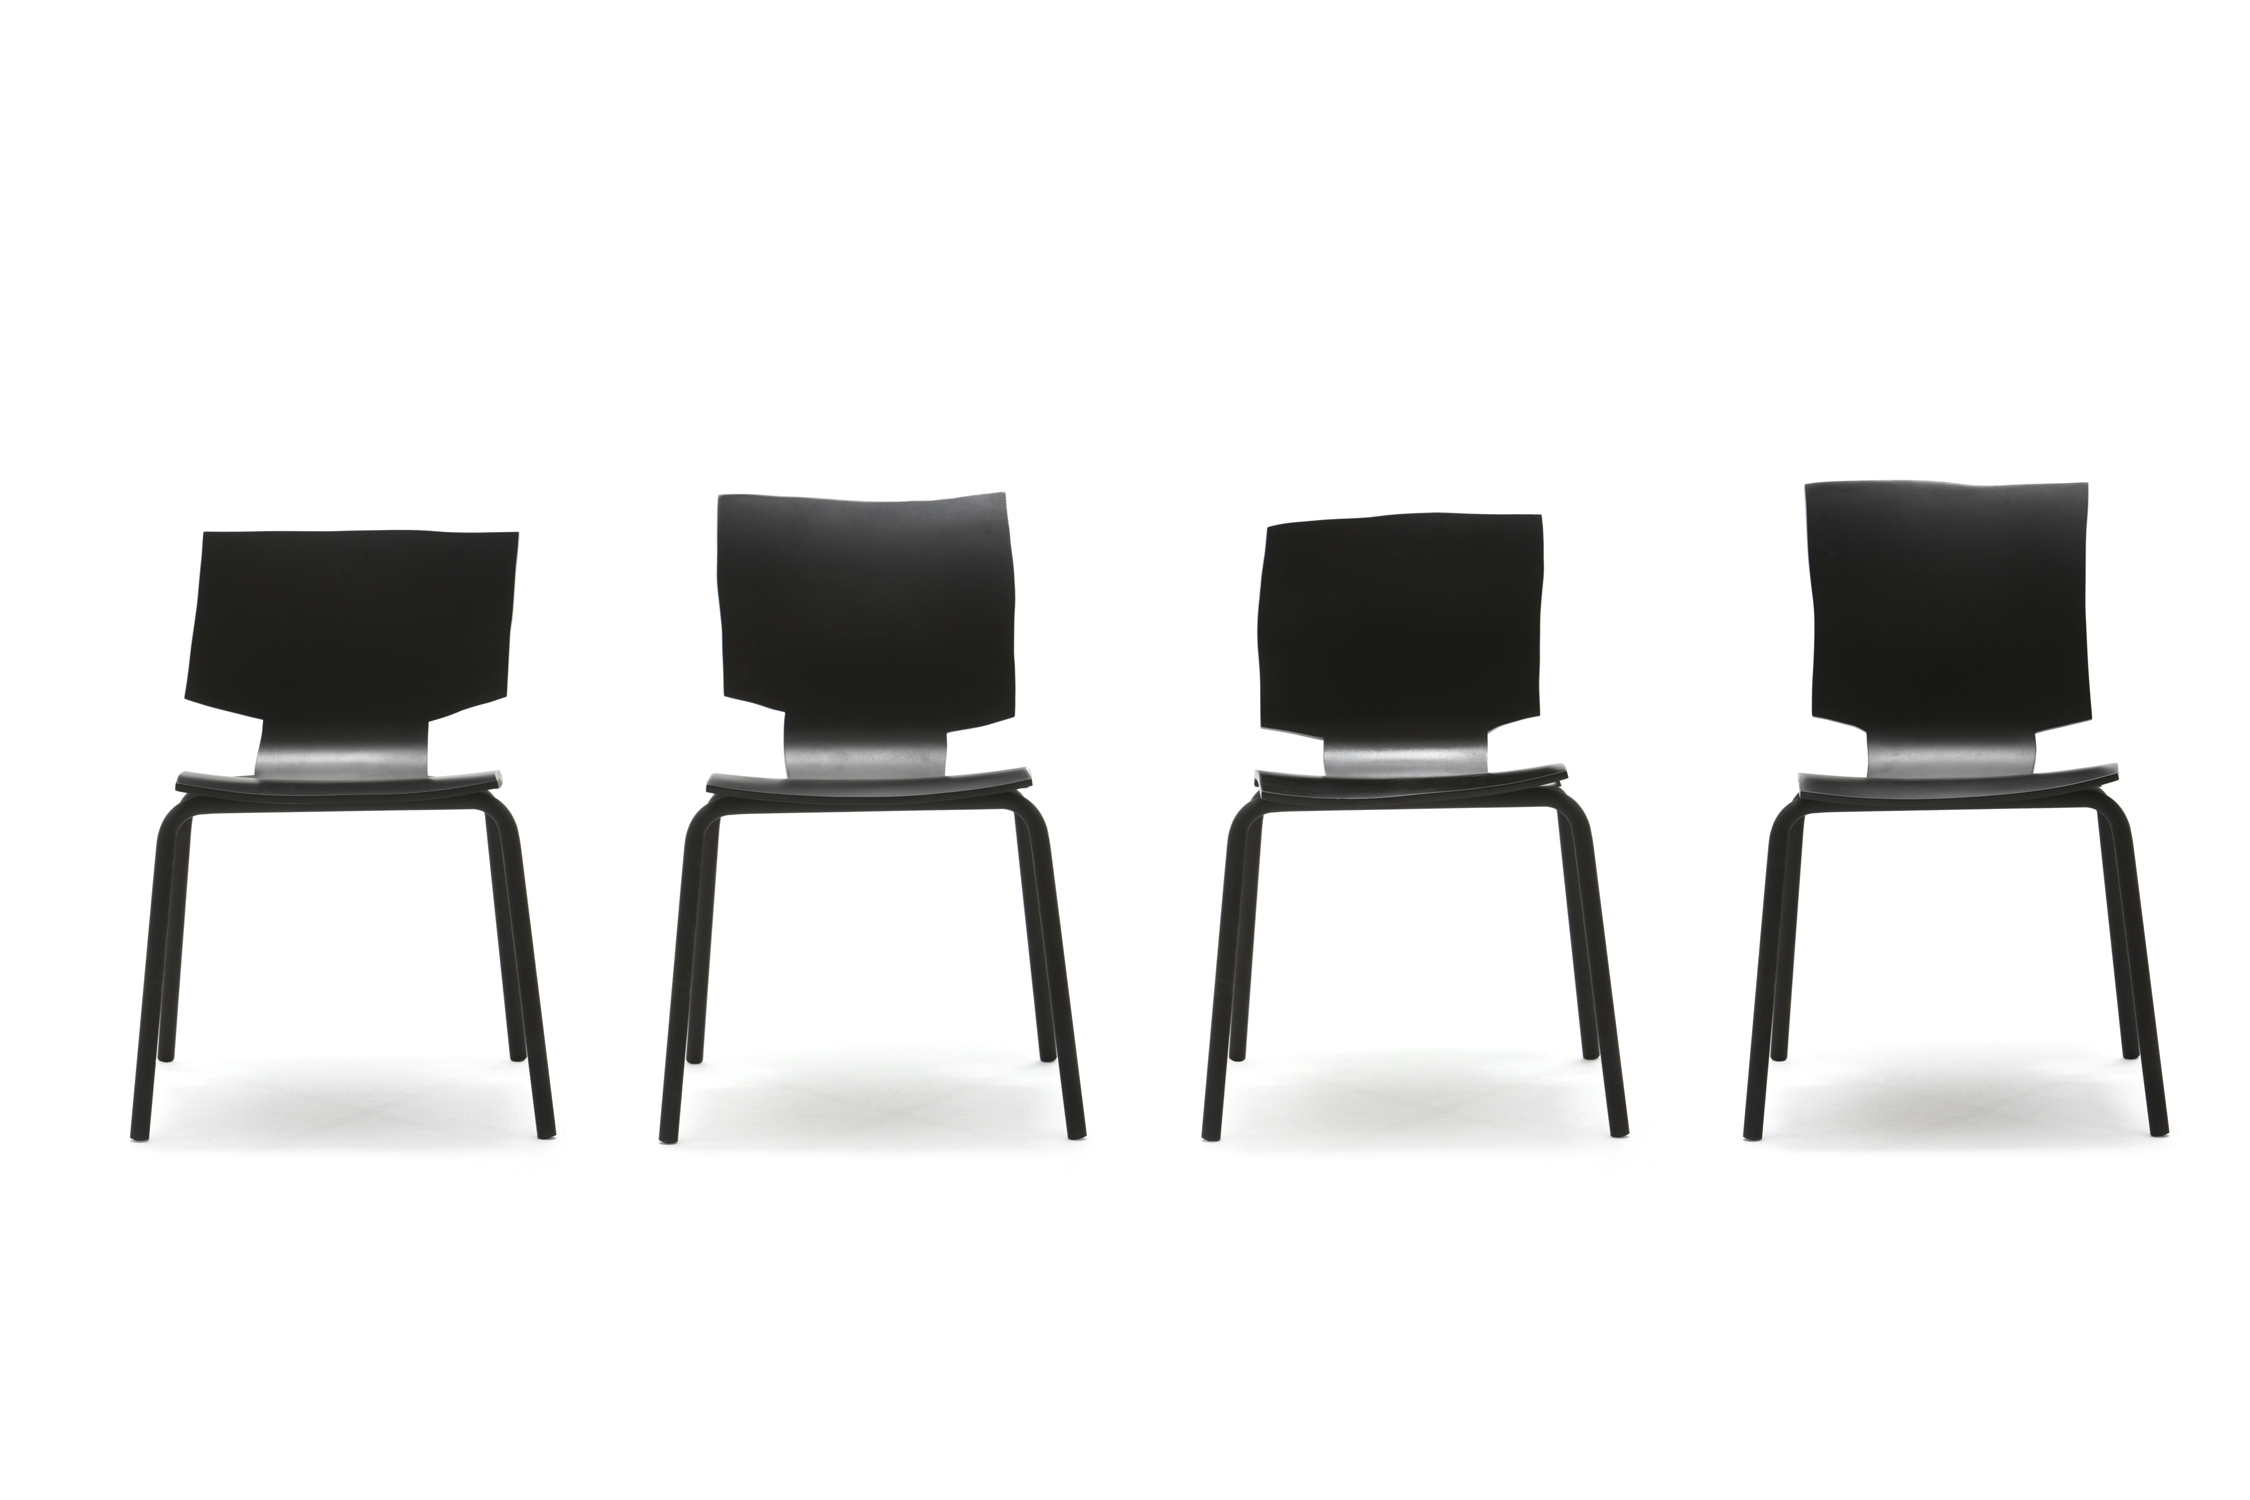 6 Design Stoelen.Maarten Baas Gispen More Or Less Stoel Kopen Bestel Online Bij Gimmii